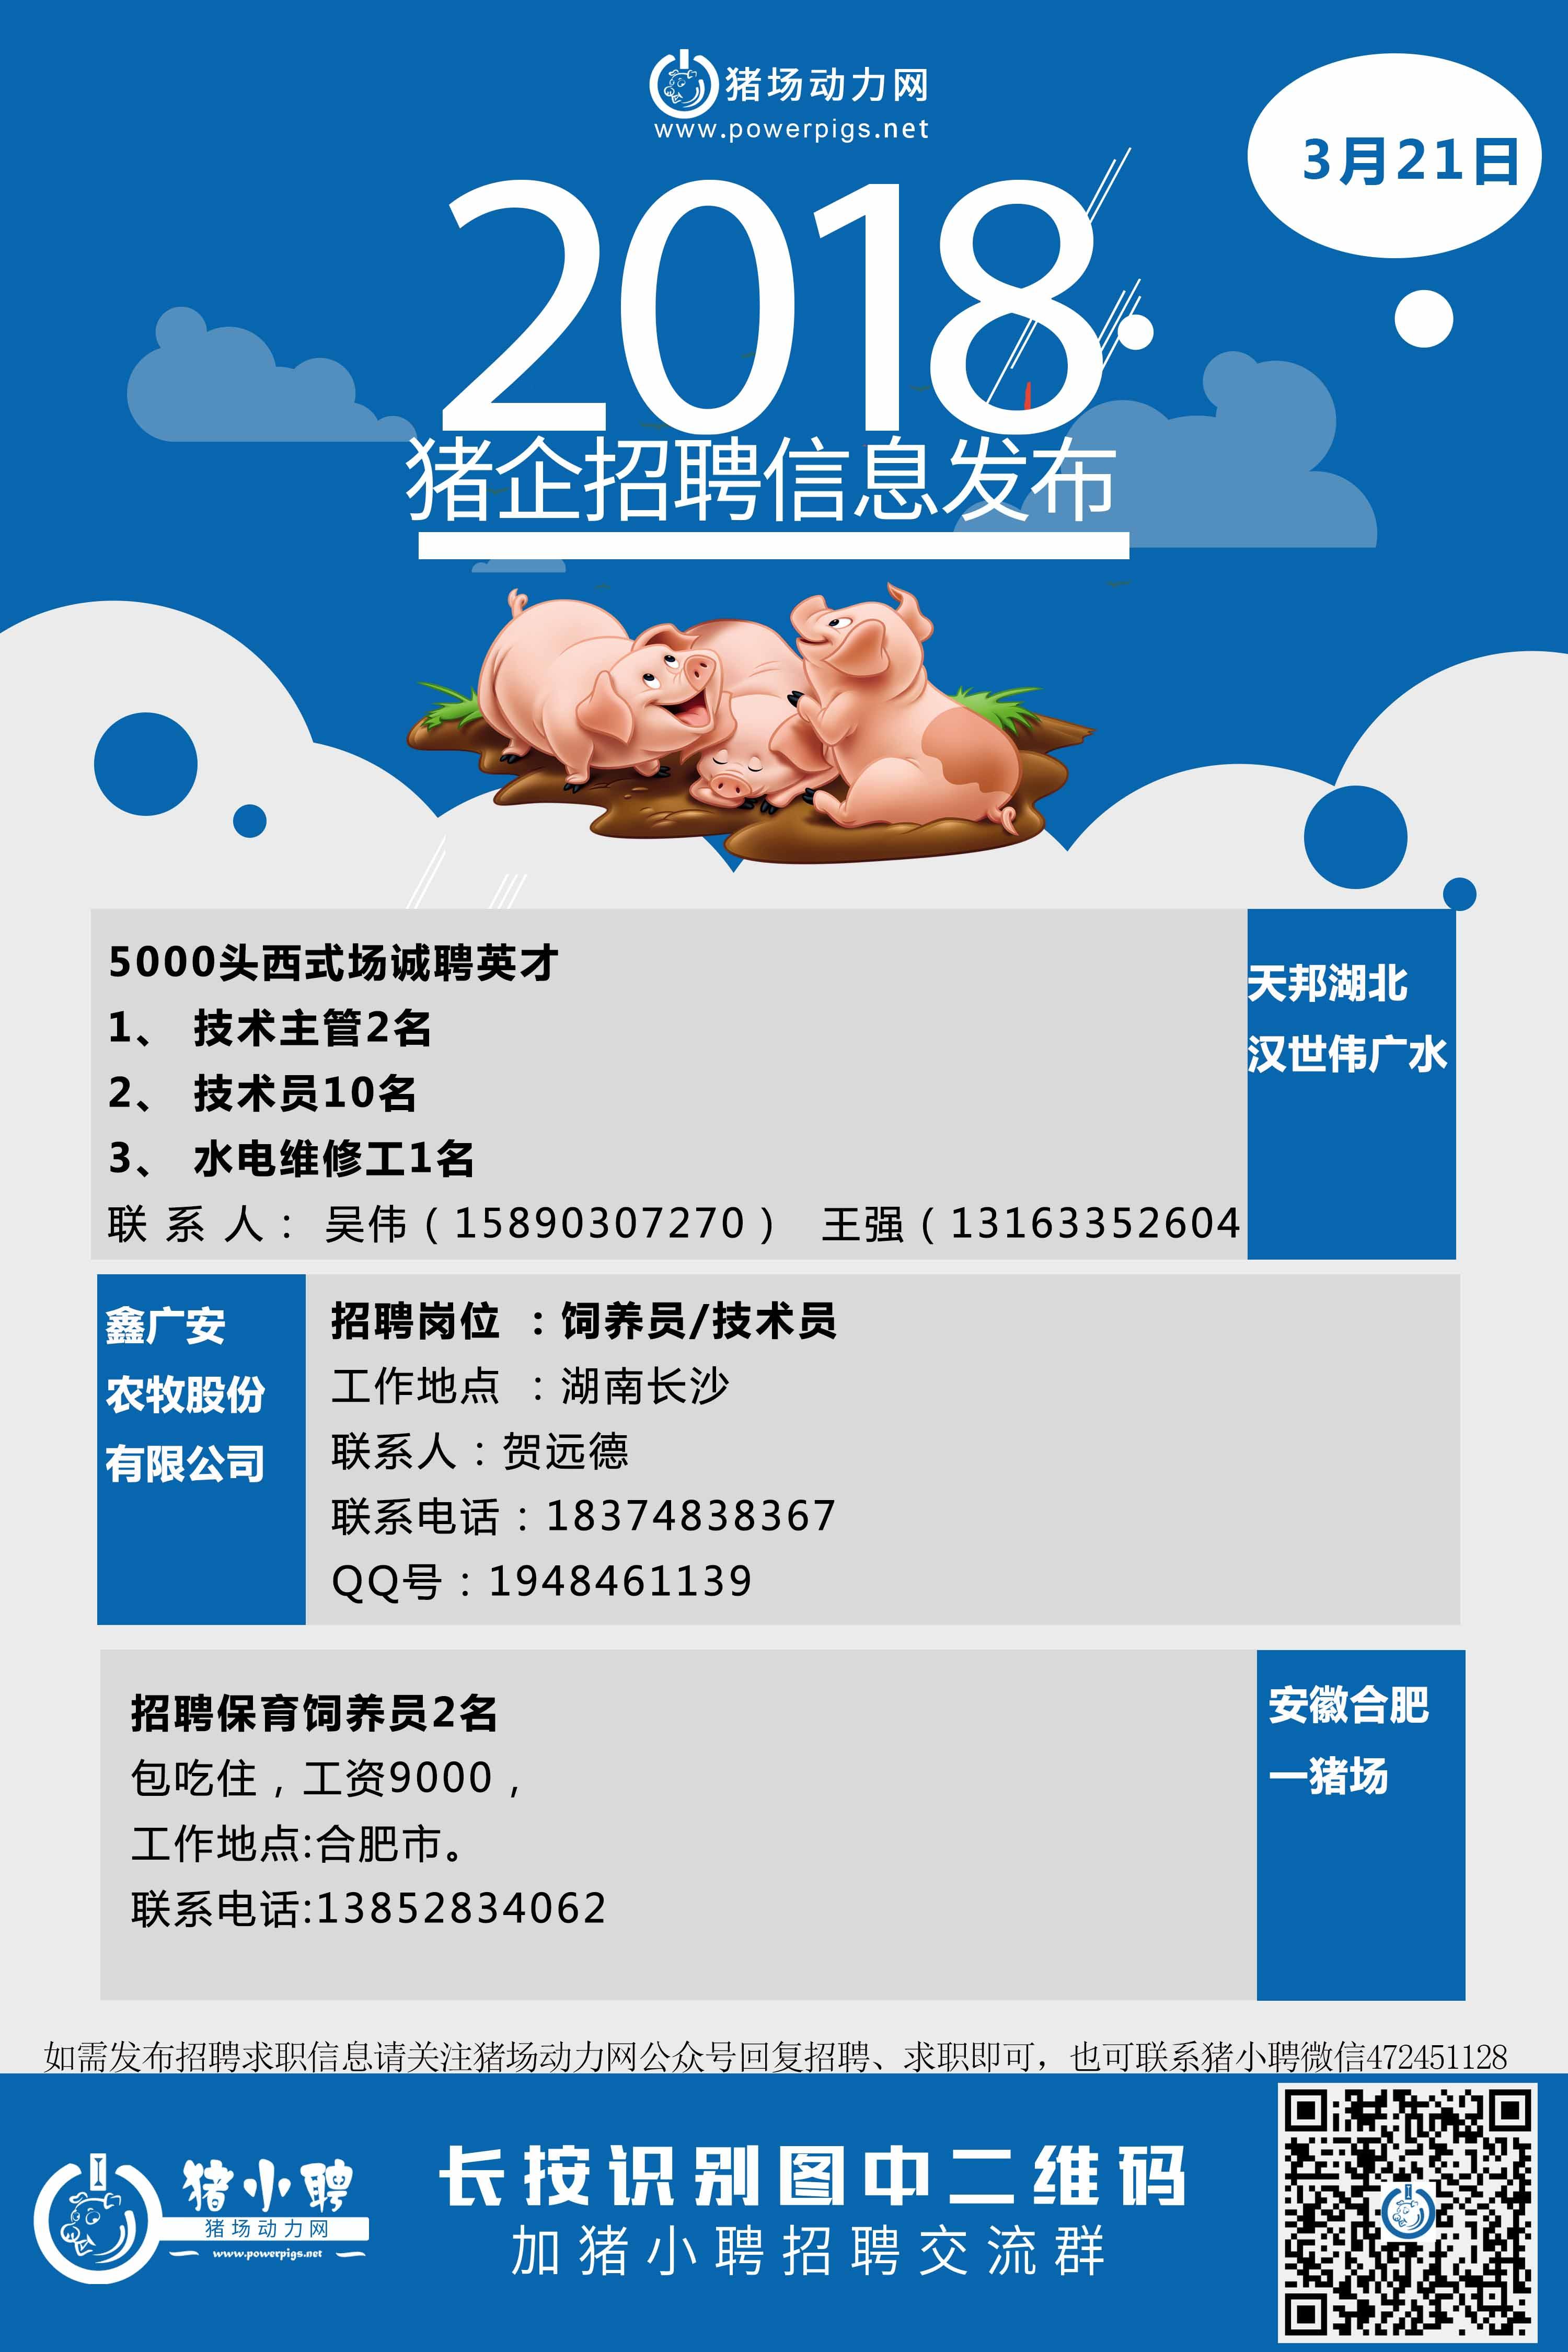 3.21日猪场招聘.jpg